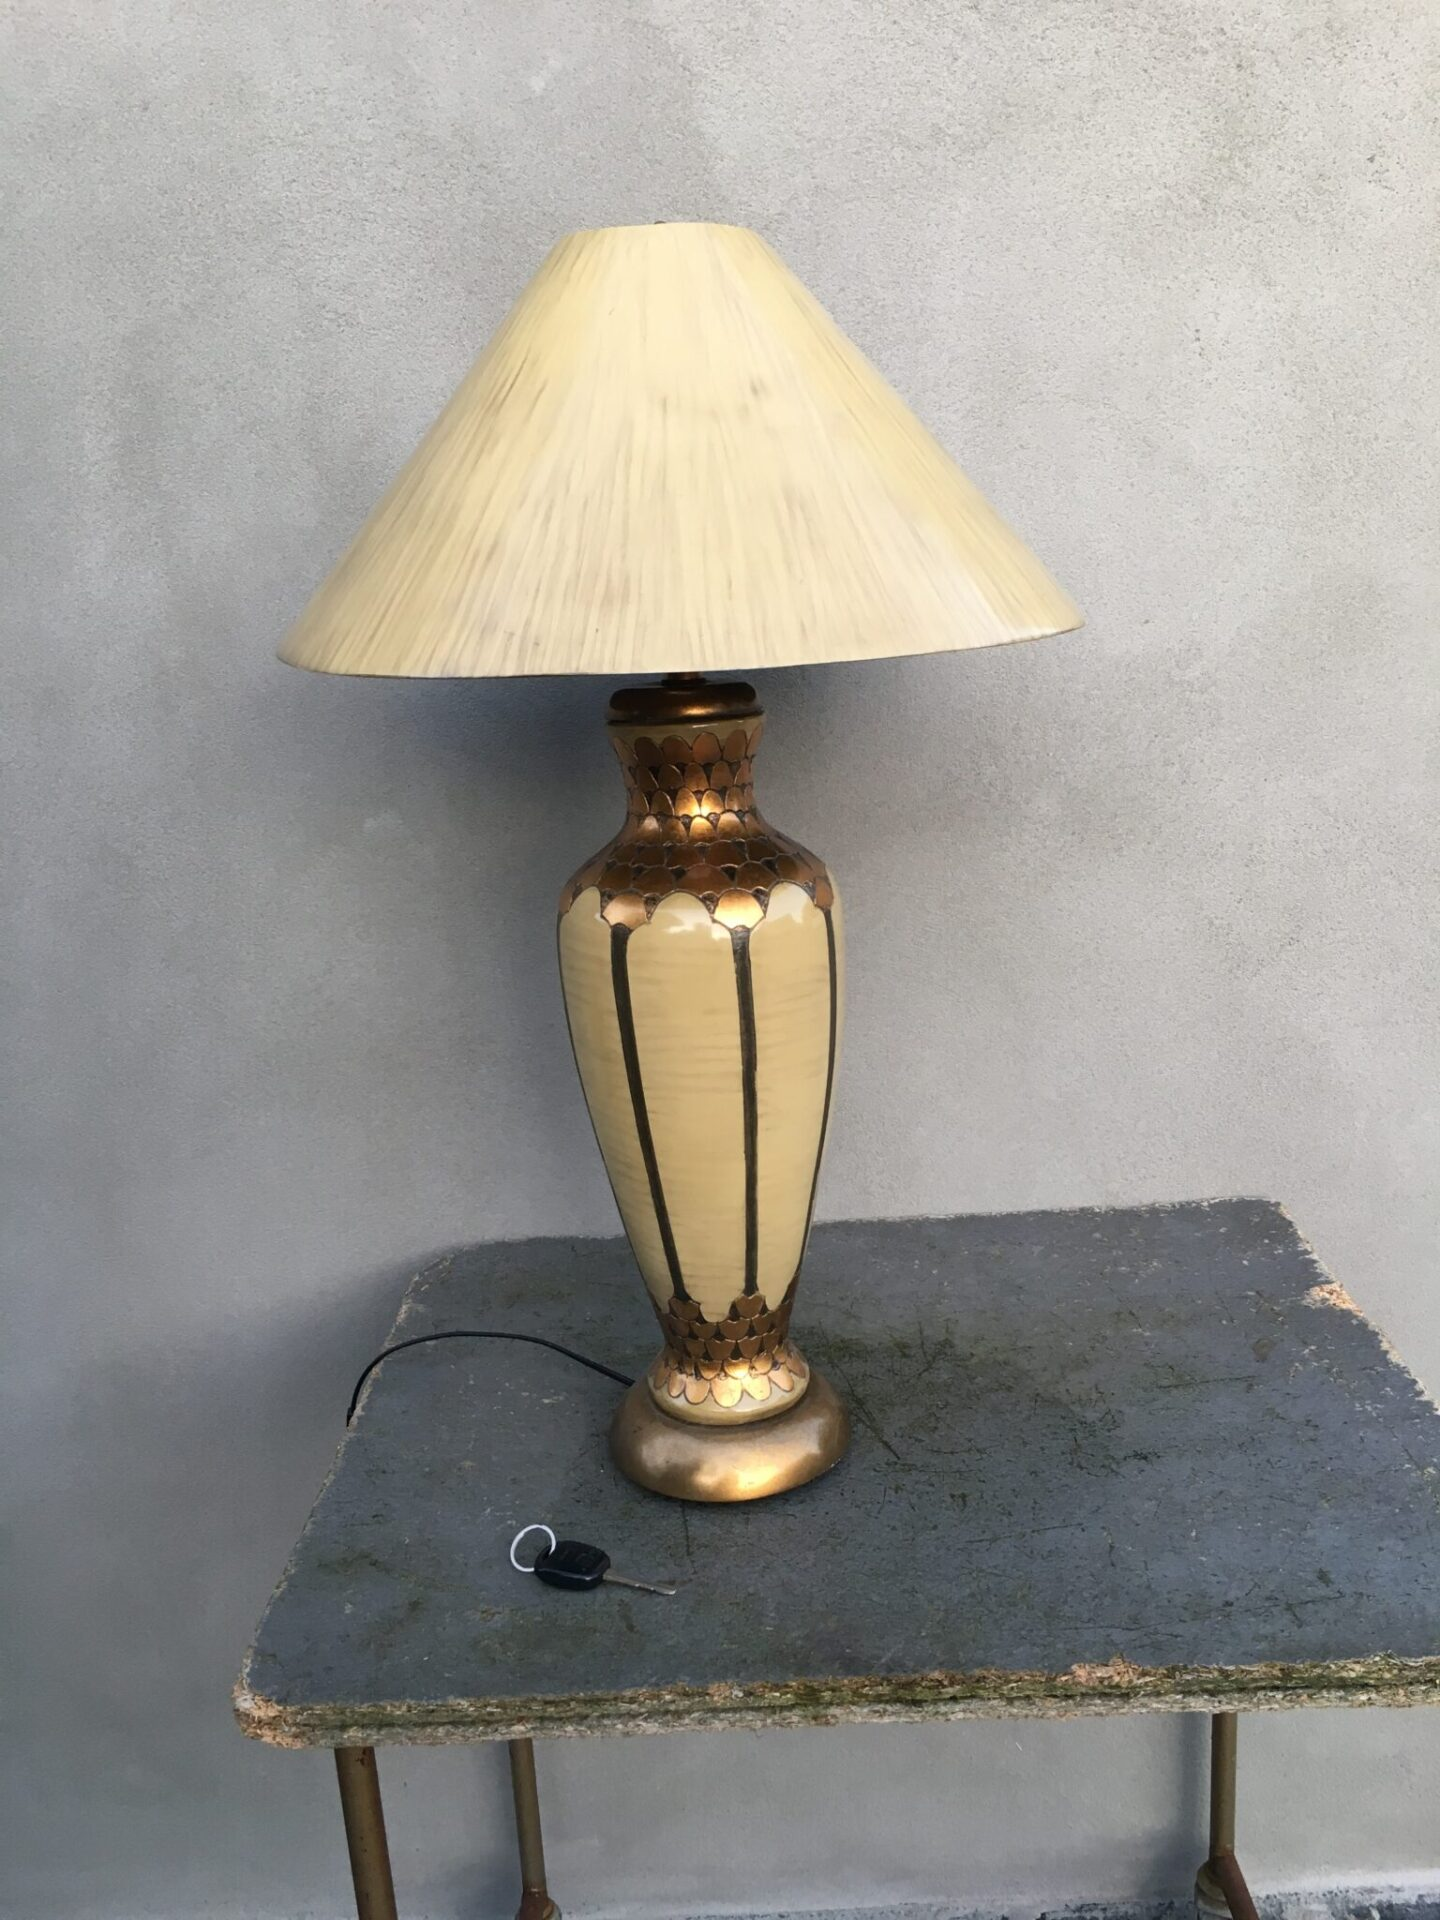 Stor kinesisk bordlampe i jugendstil, pris 300 kr. Højde til overkant skærm =80 cm